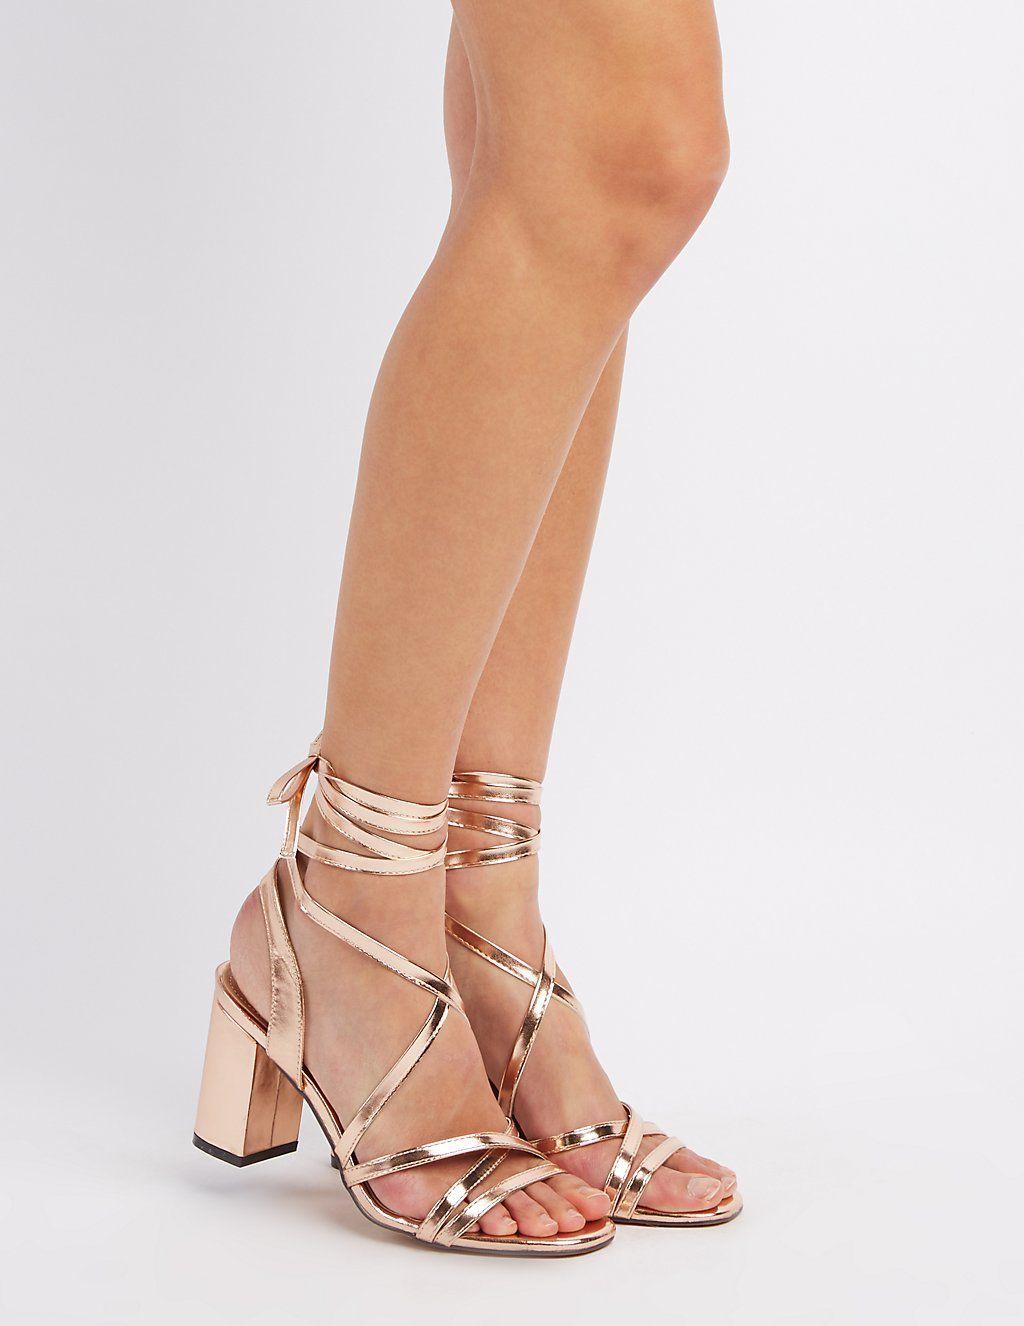 Flat heel sandals images - Lace Up Block Heel Sandals